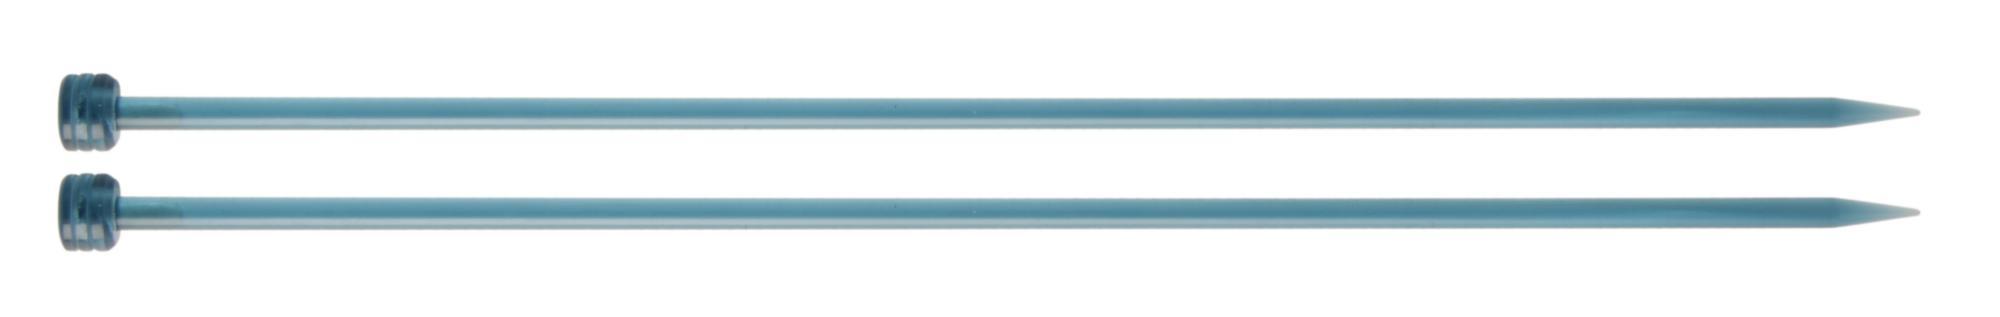 Спицы прямые 30 см Trendz KnitPro, 51194, 5.50 мм